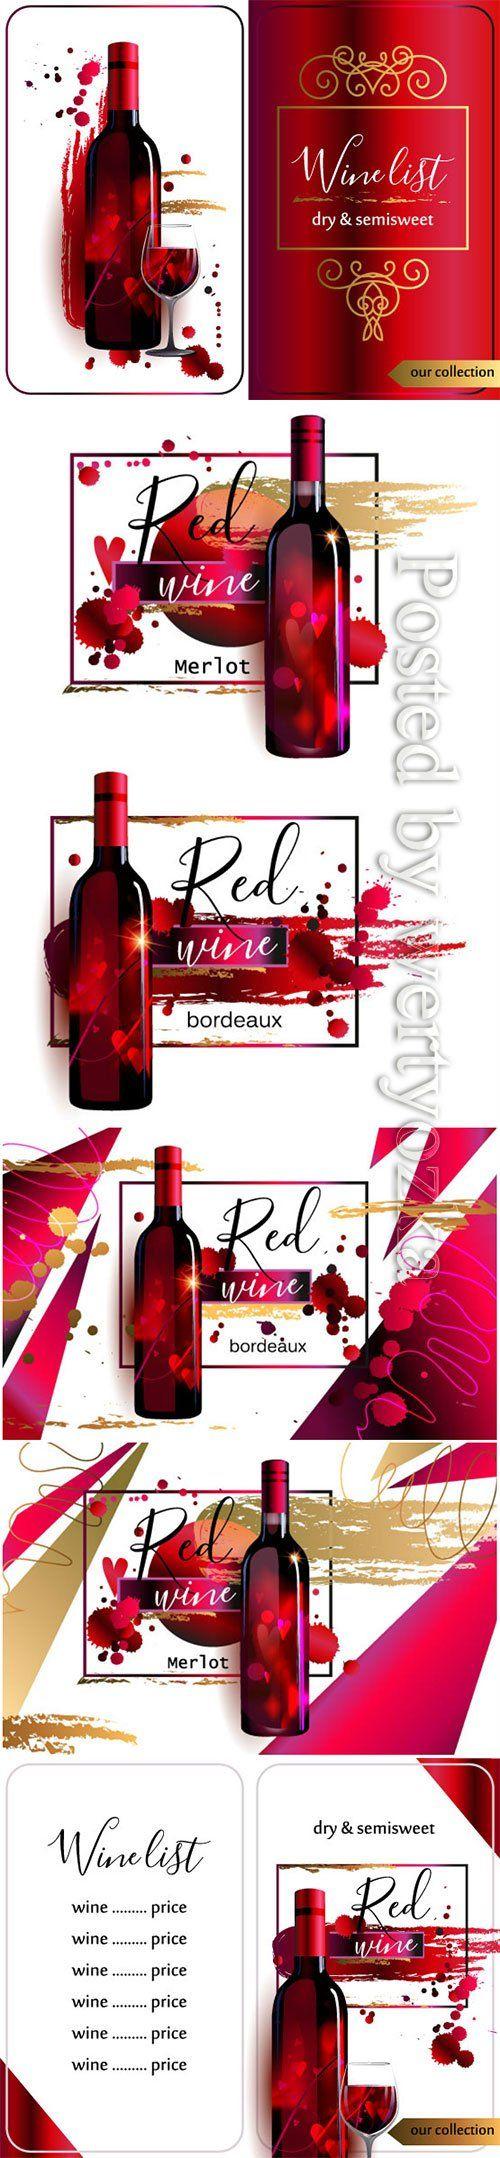 Template Of Wine List Wine List Merlot Red Wine Wine